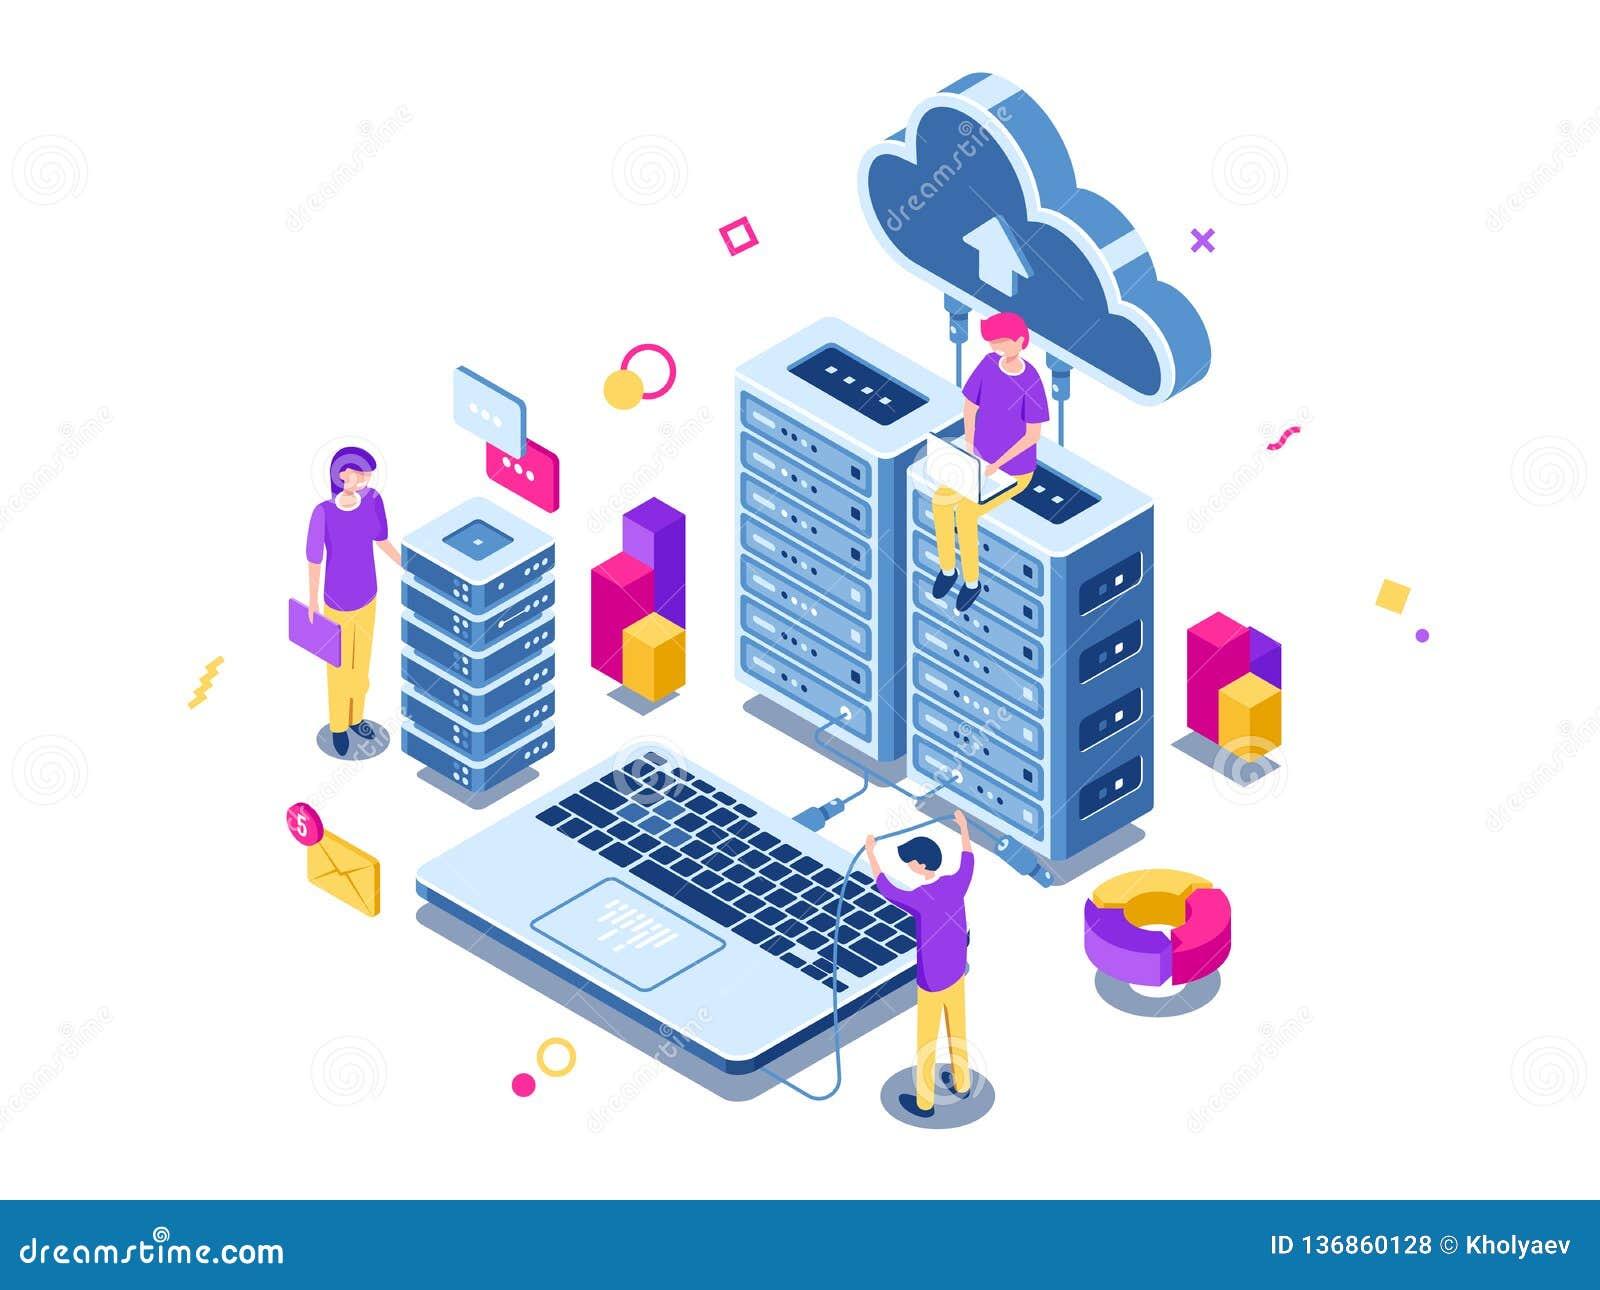 大数据中心,服务器室机架,设计过程,配合,电脑技术,云彩存贮,命令工作